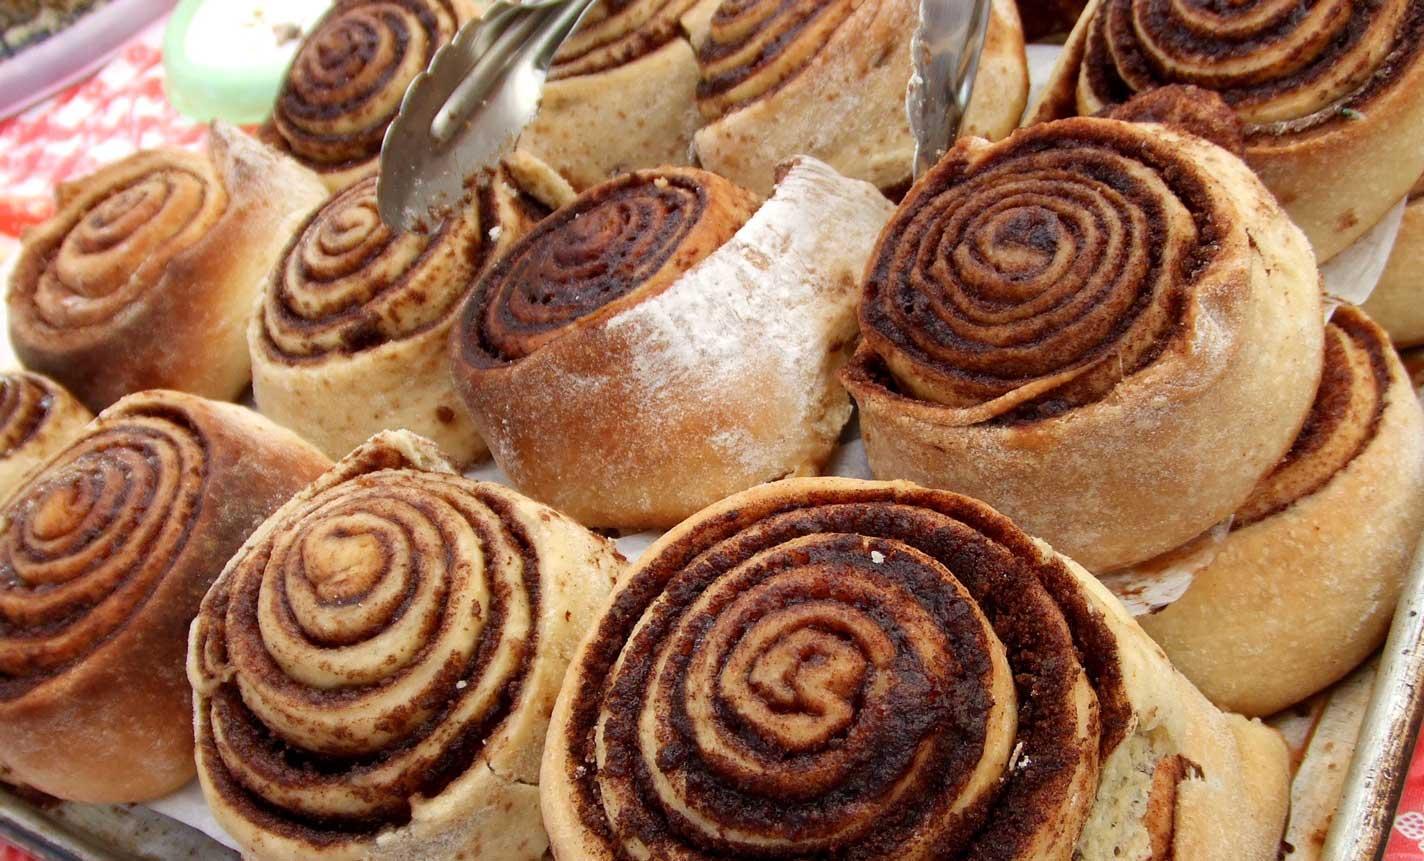 かもめ食堂でも話題となったフィンランドのお菓子シナモンロール